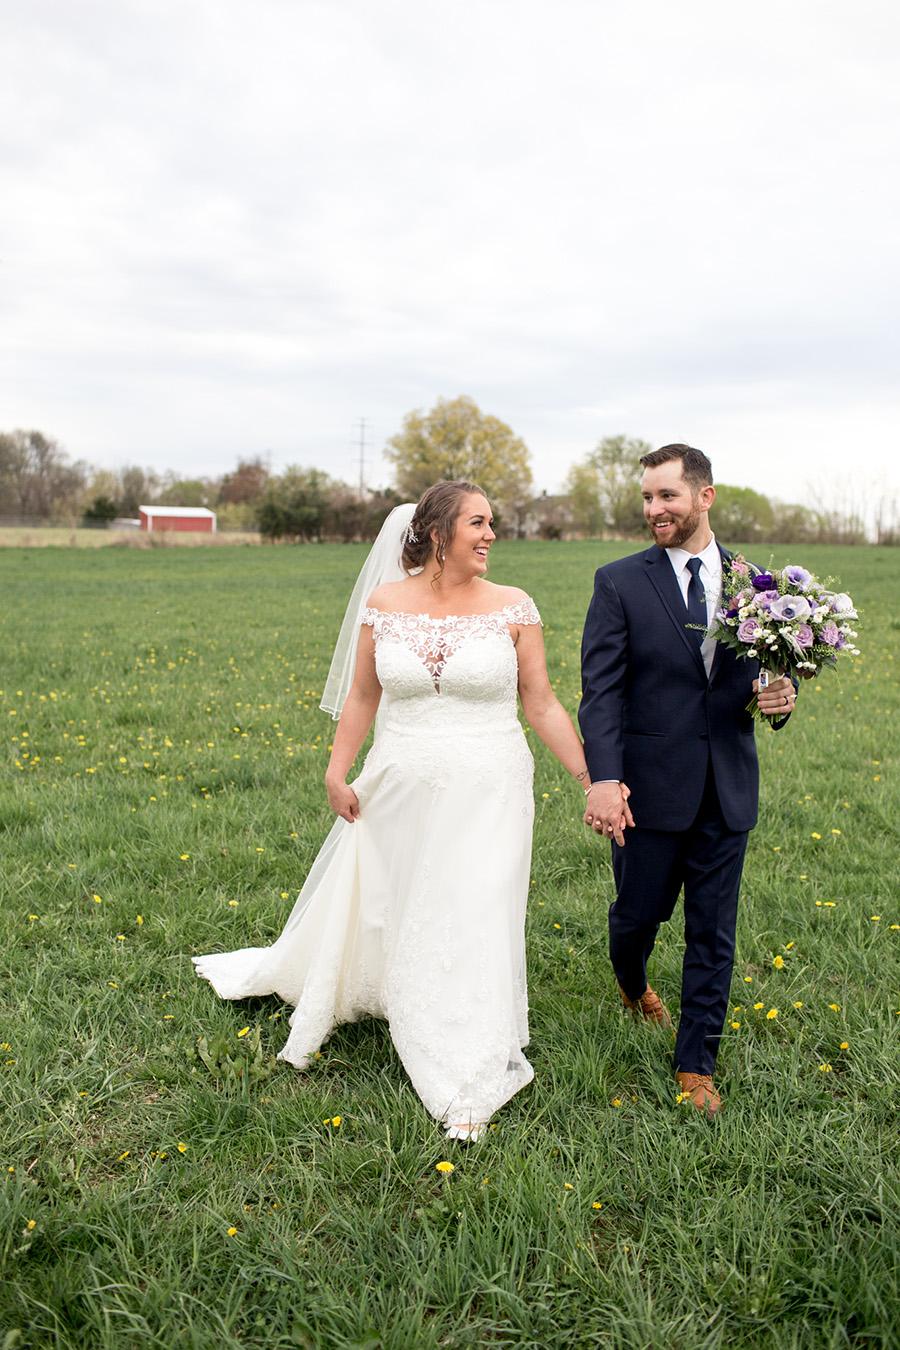 bride and groom talk a walk around the outdoor wedding venue at Warner Road Farm